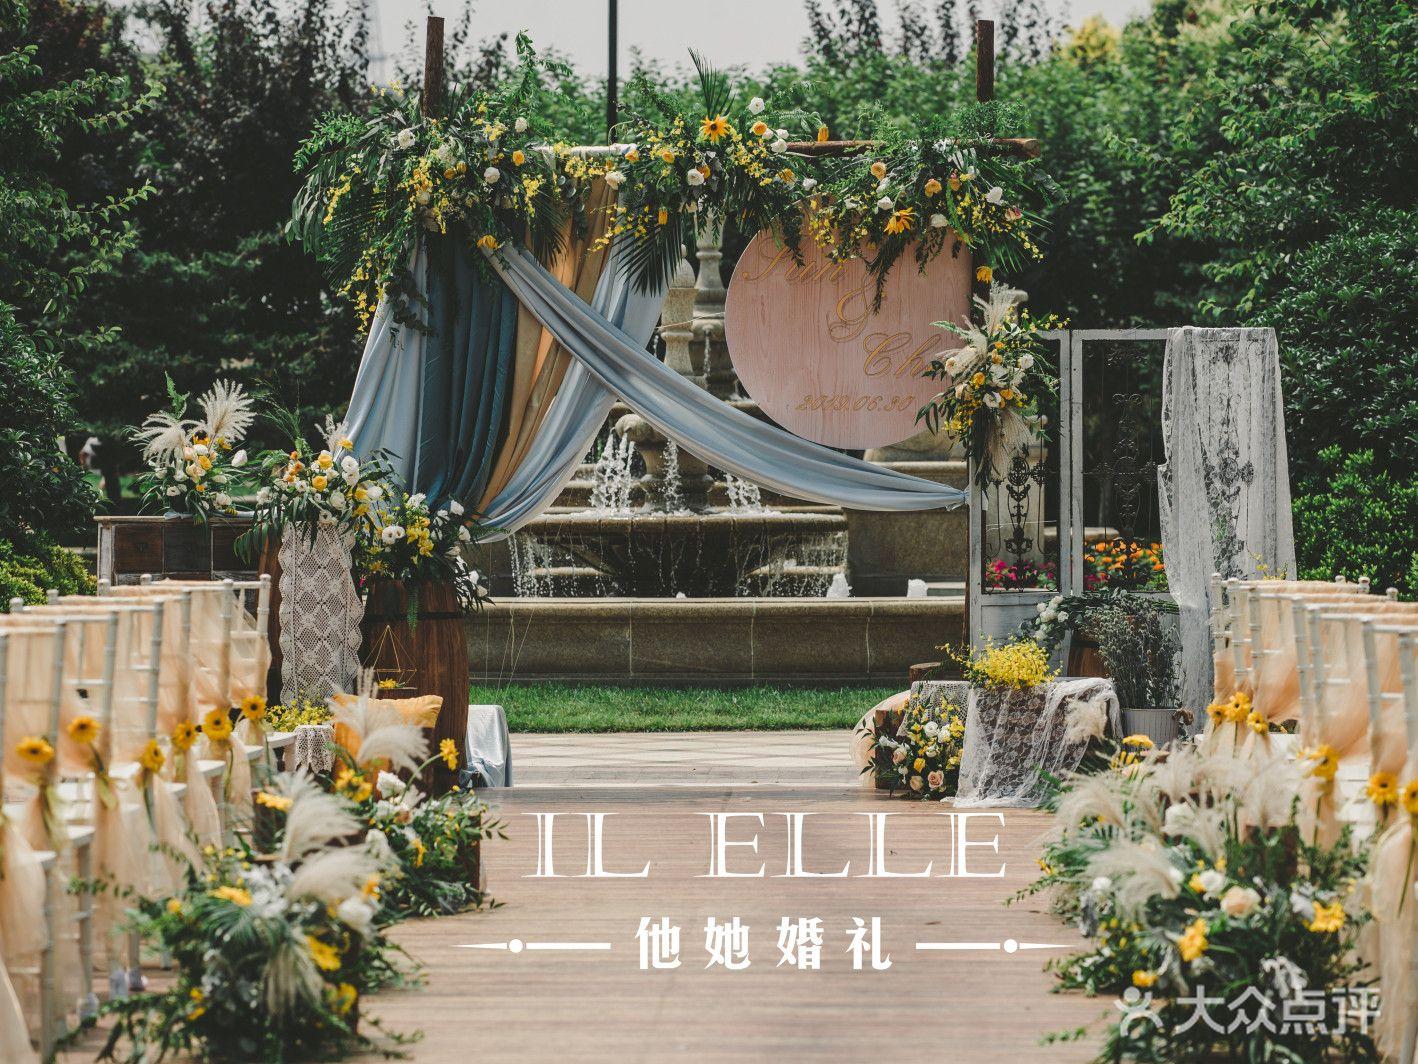 他她婚礼《只为圆梦》的图片